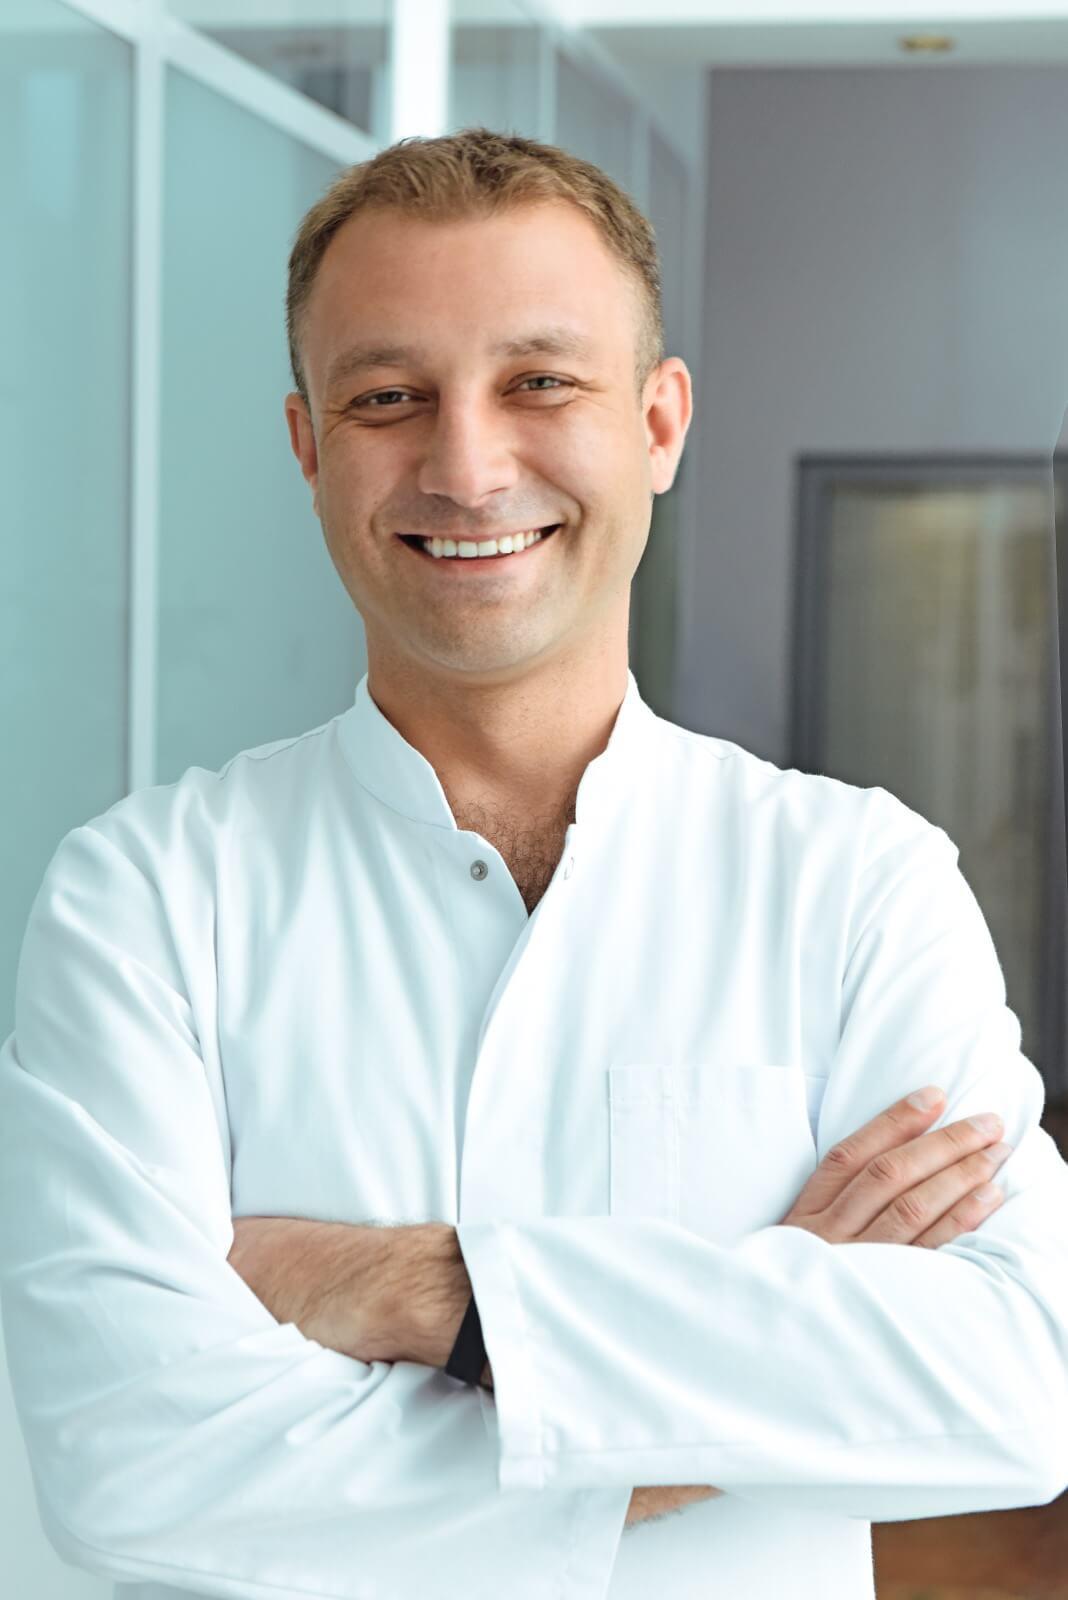 Андрей Сеник, ортодонт